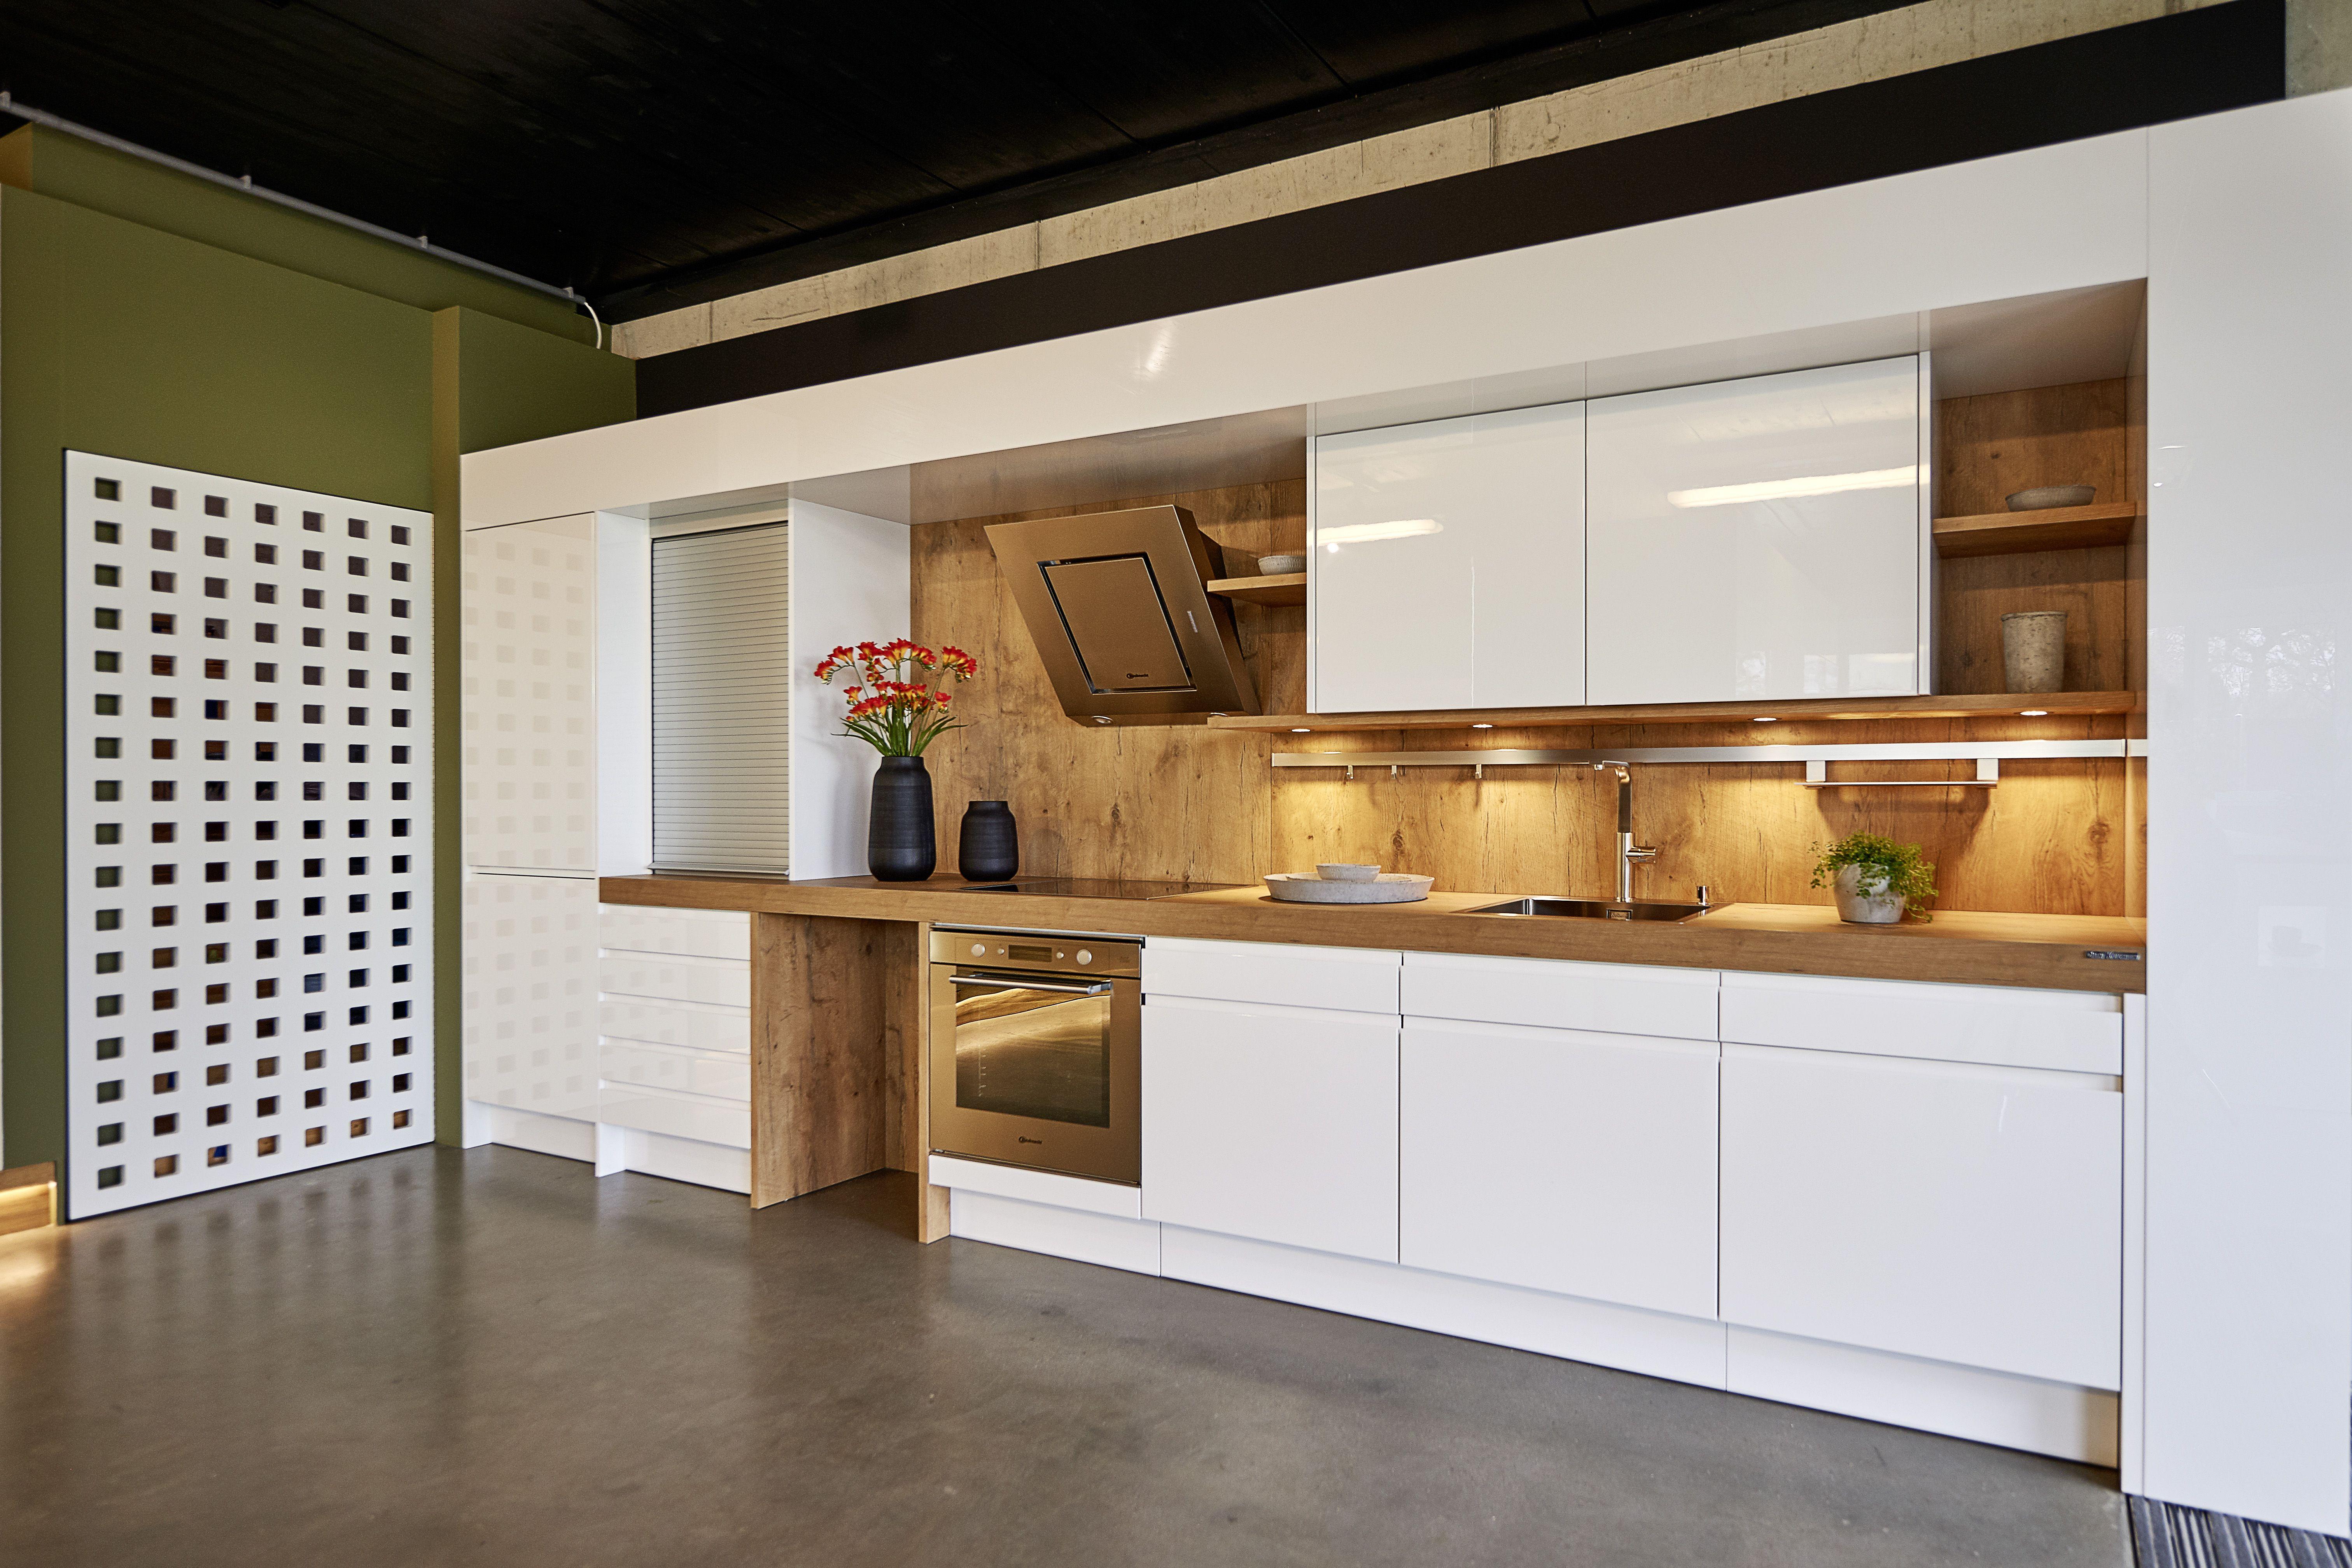 Hochglanz Fronten, Hochglanz Küche, Lack Fronten, Idee, Design ...